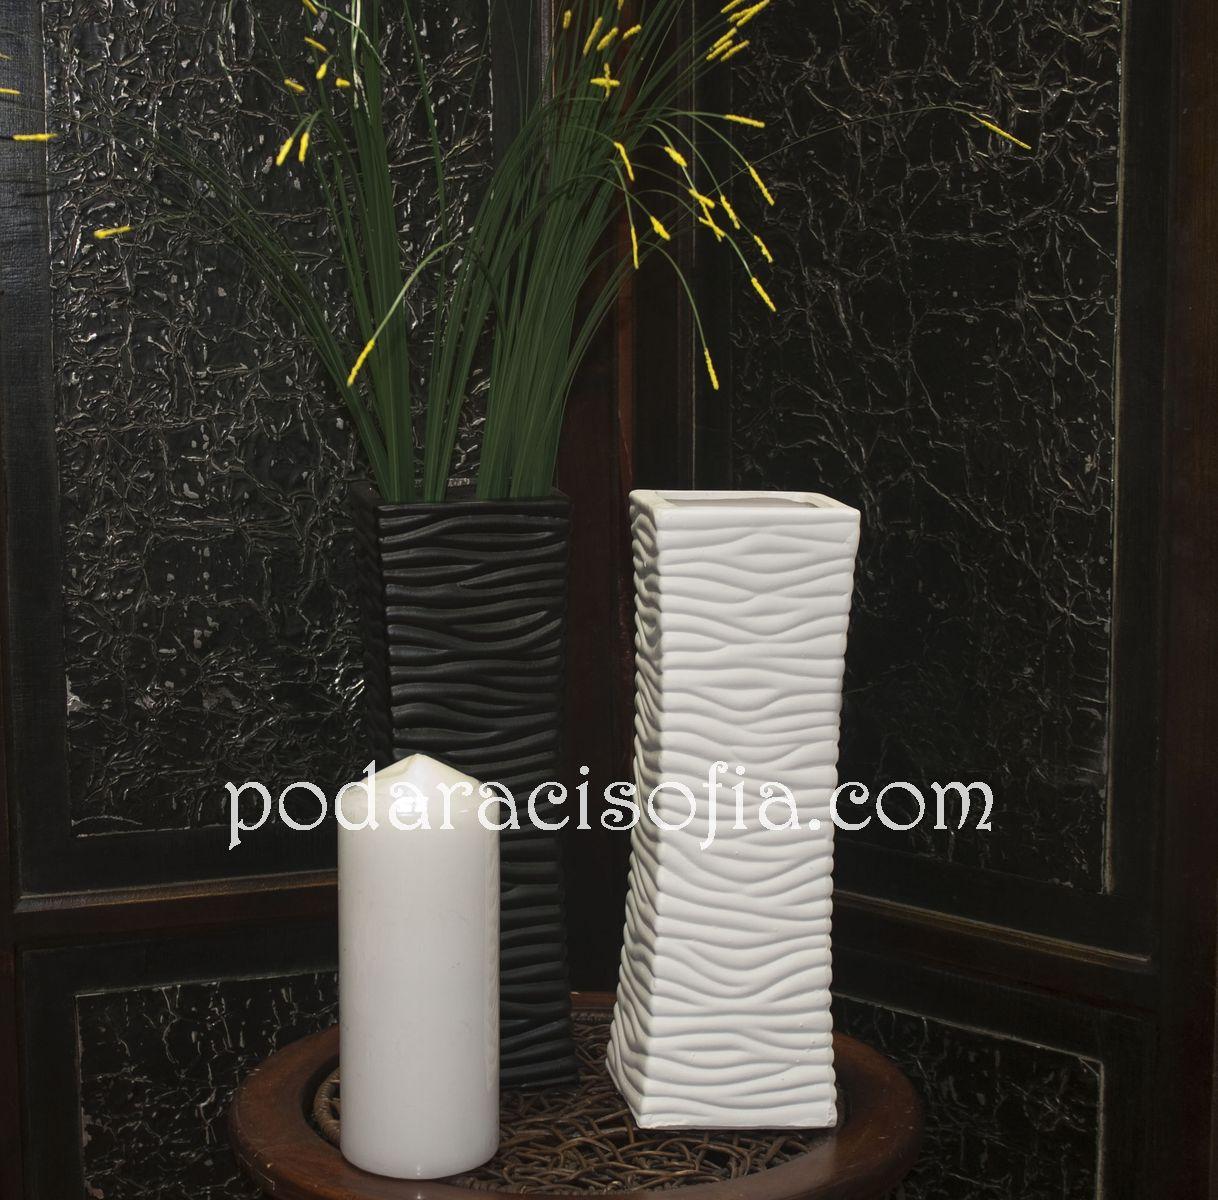 Две вази от керамика в геометрична форма. Едана е черна, другата - бяла. От Gifts